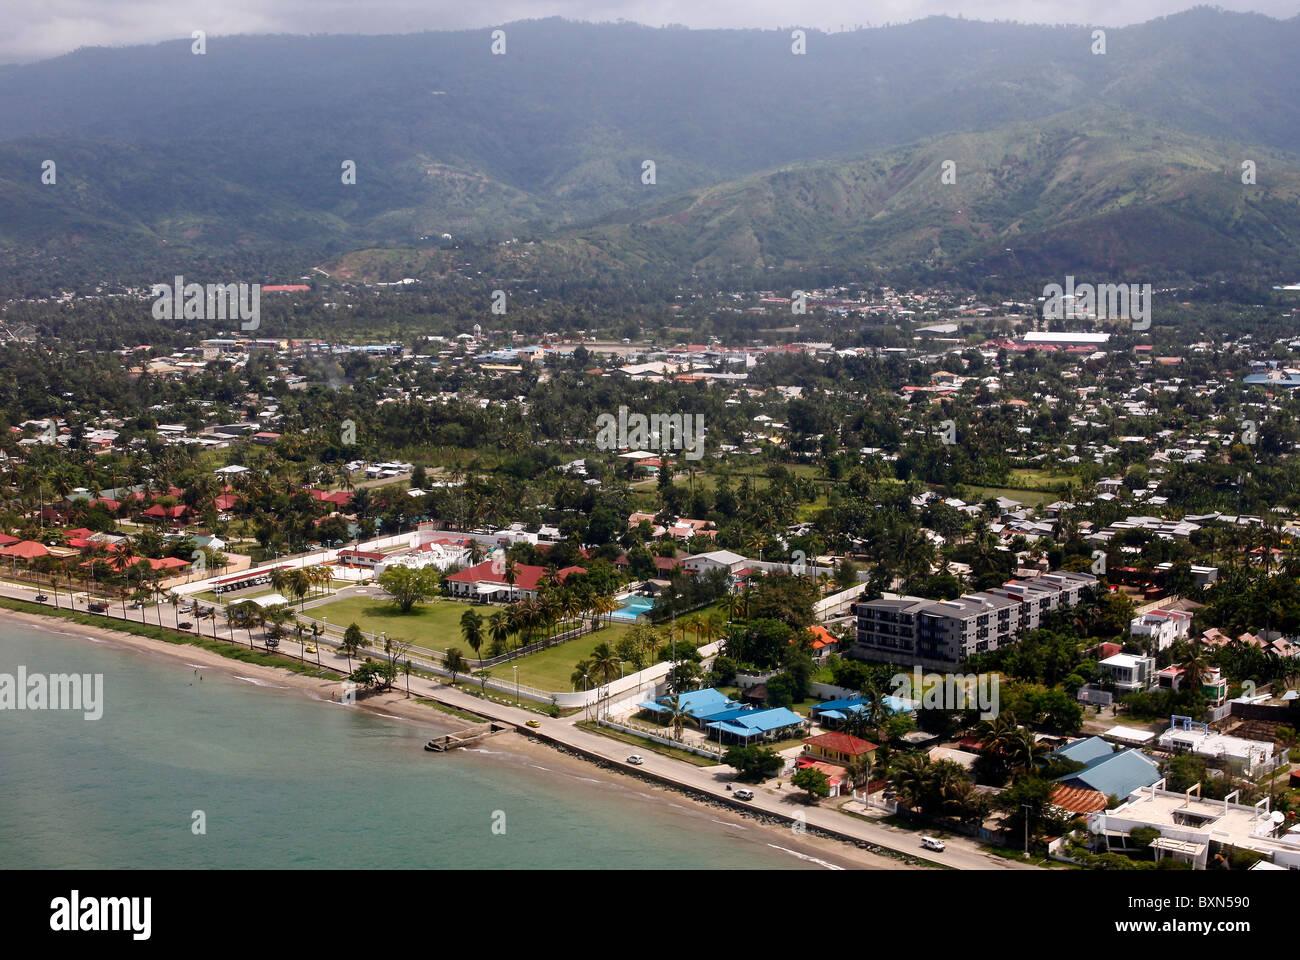 Birds Eye View sur Dili, capitale du Timor Leste (Timor oriental) Banque D'Images